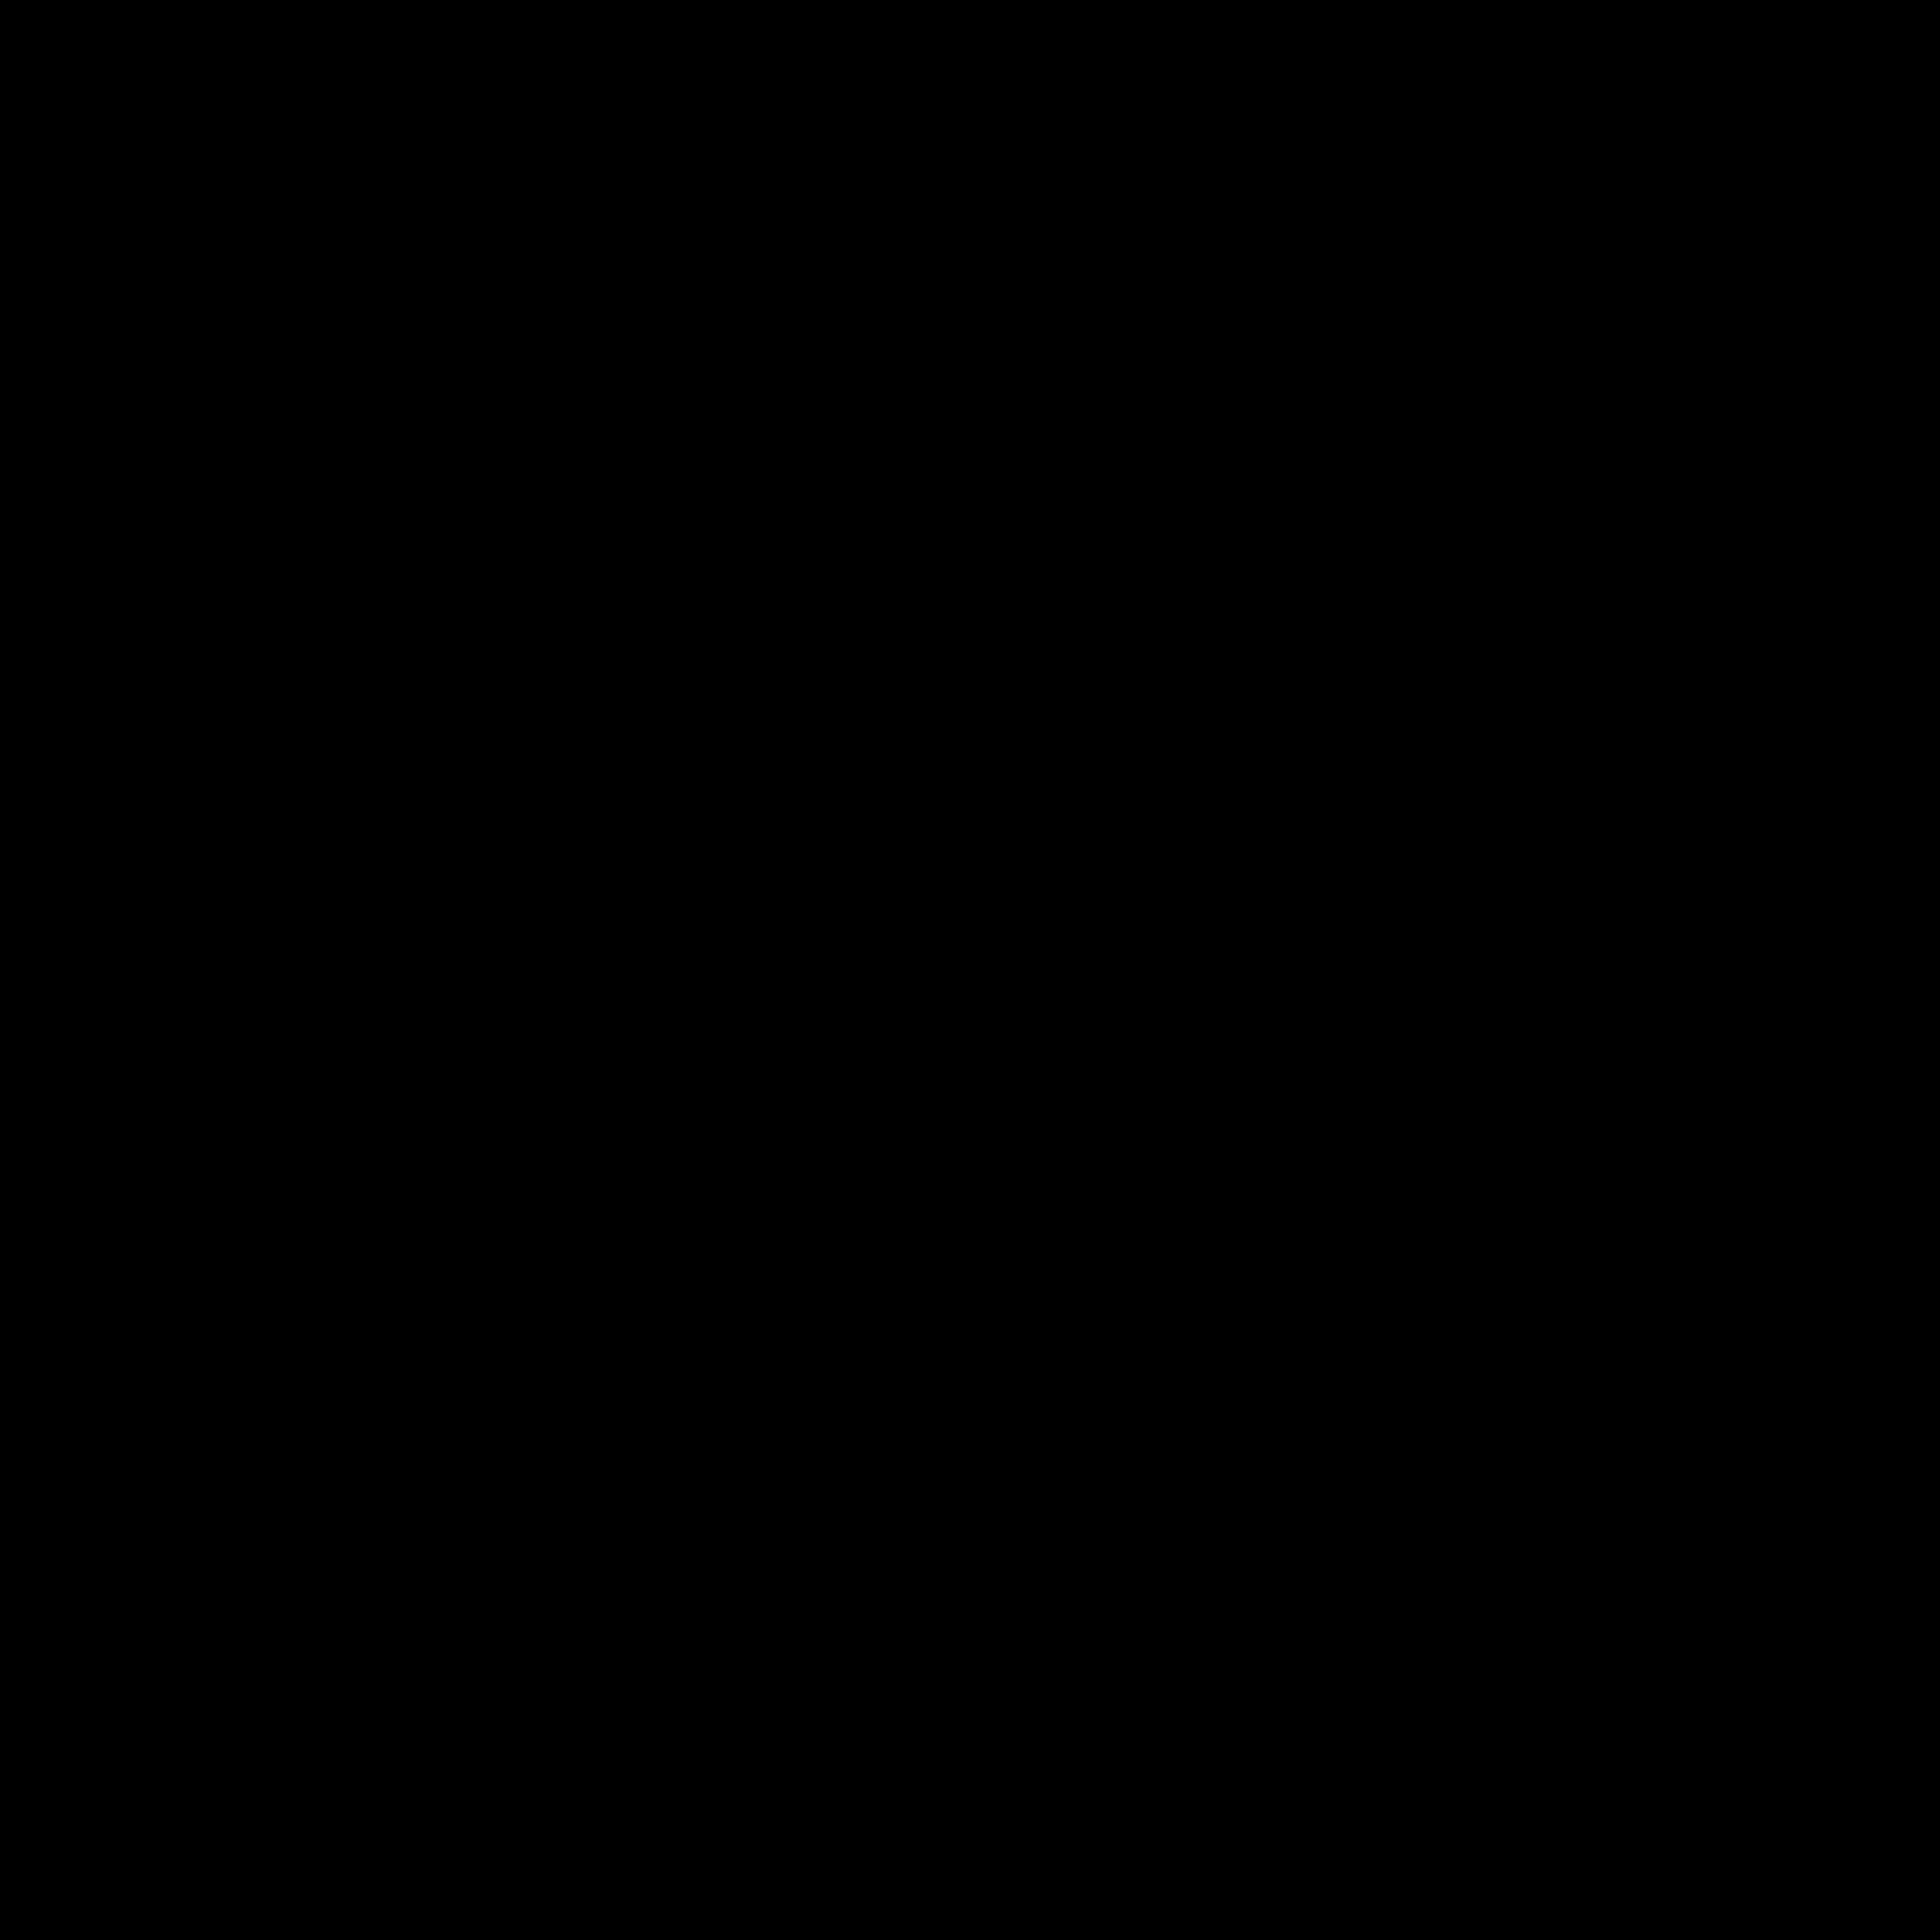 facebook 4096 black capalino company rh capalino com facebook vector logo free facebook vector logo free